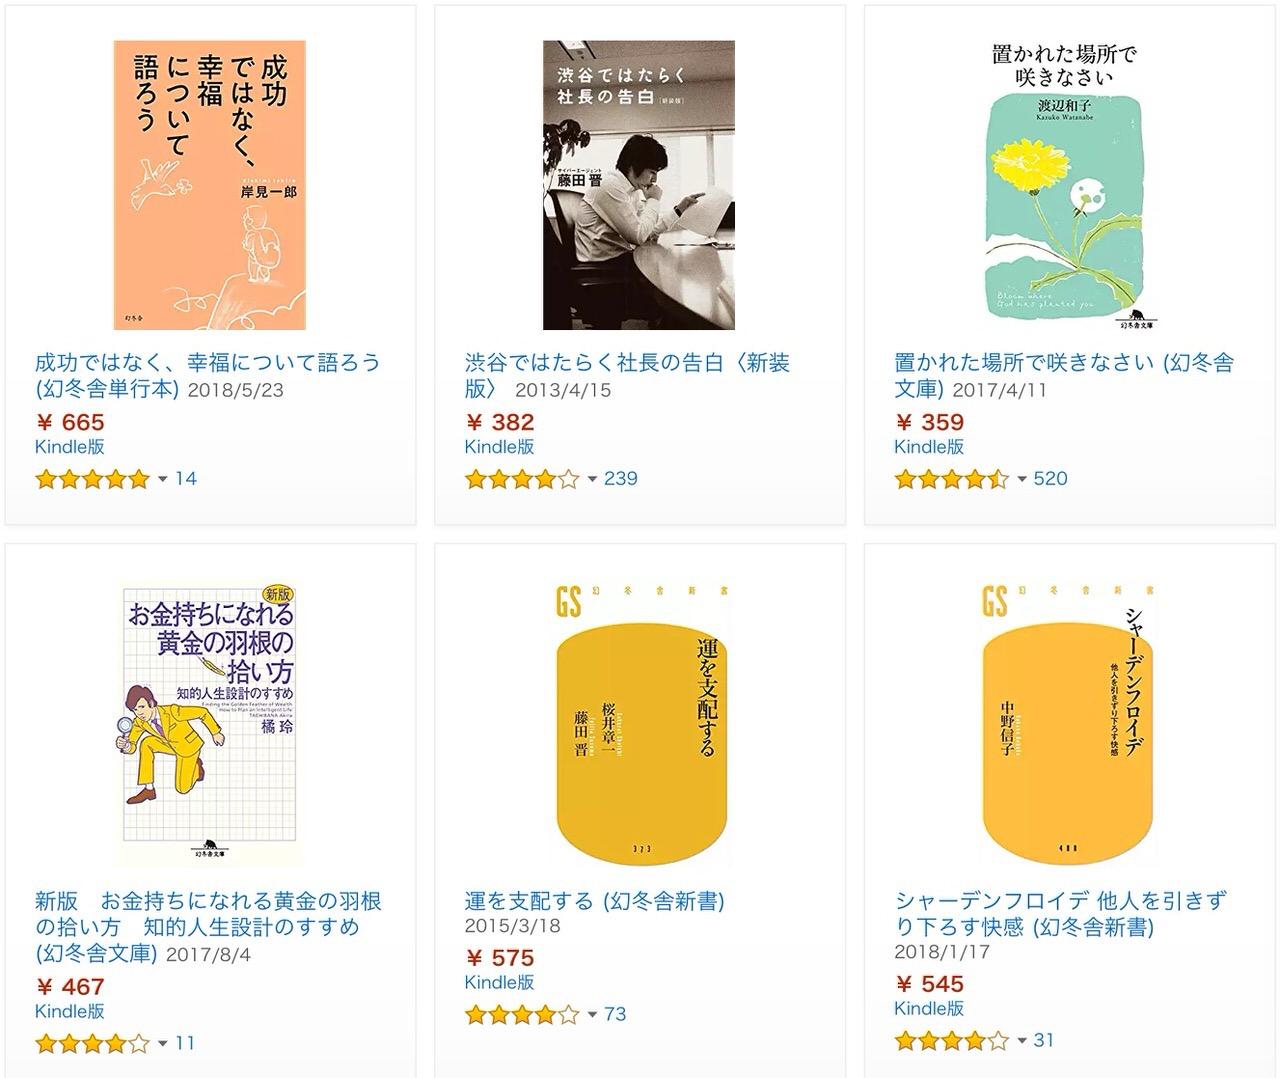 【Kindleセール】幻冬舎が対象!30〜40%OFF「ビジネスモチベーションアップフェア」(10/18まで)